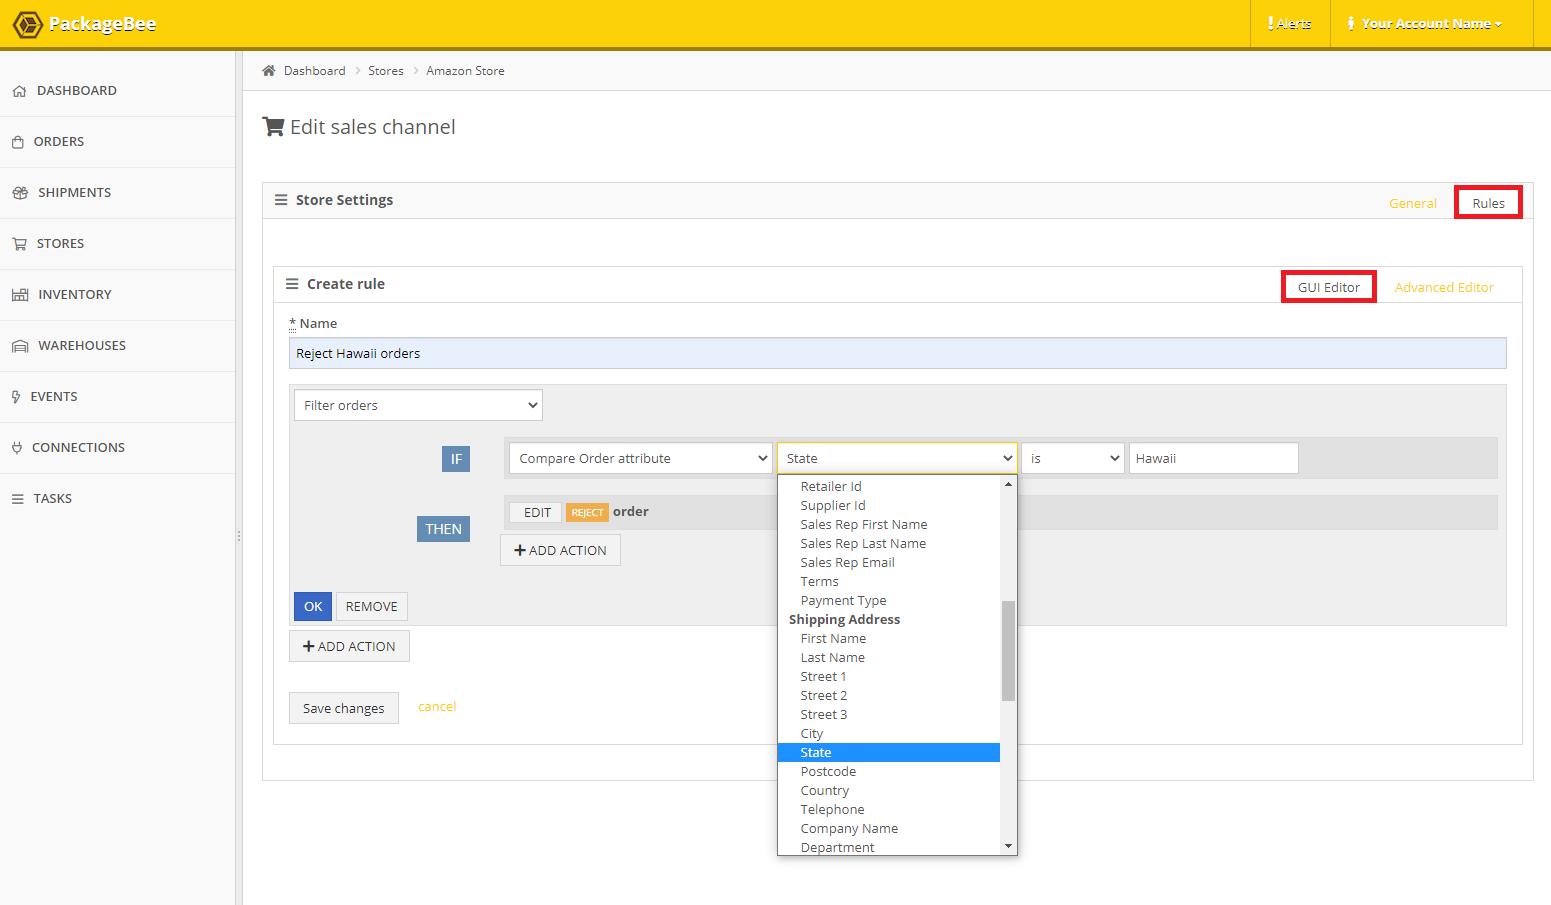 PackageBee - GUI Editor